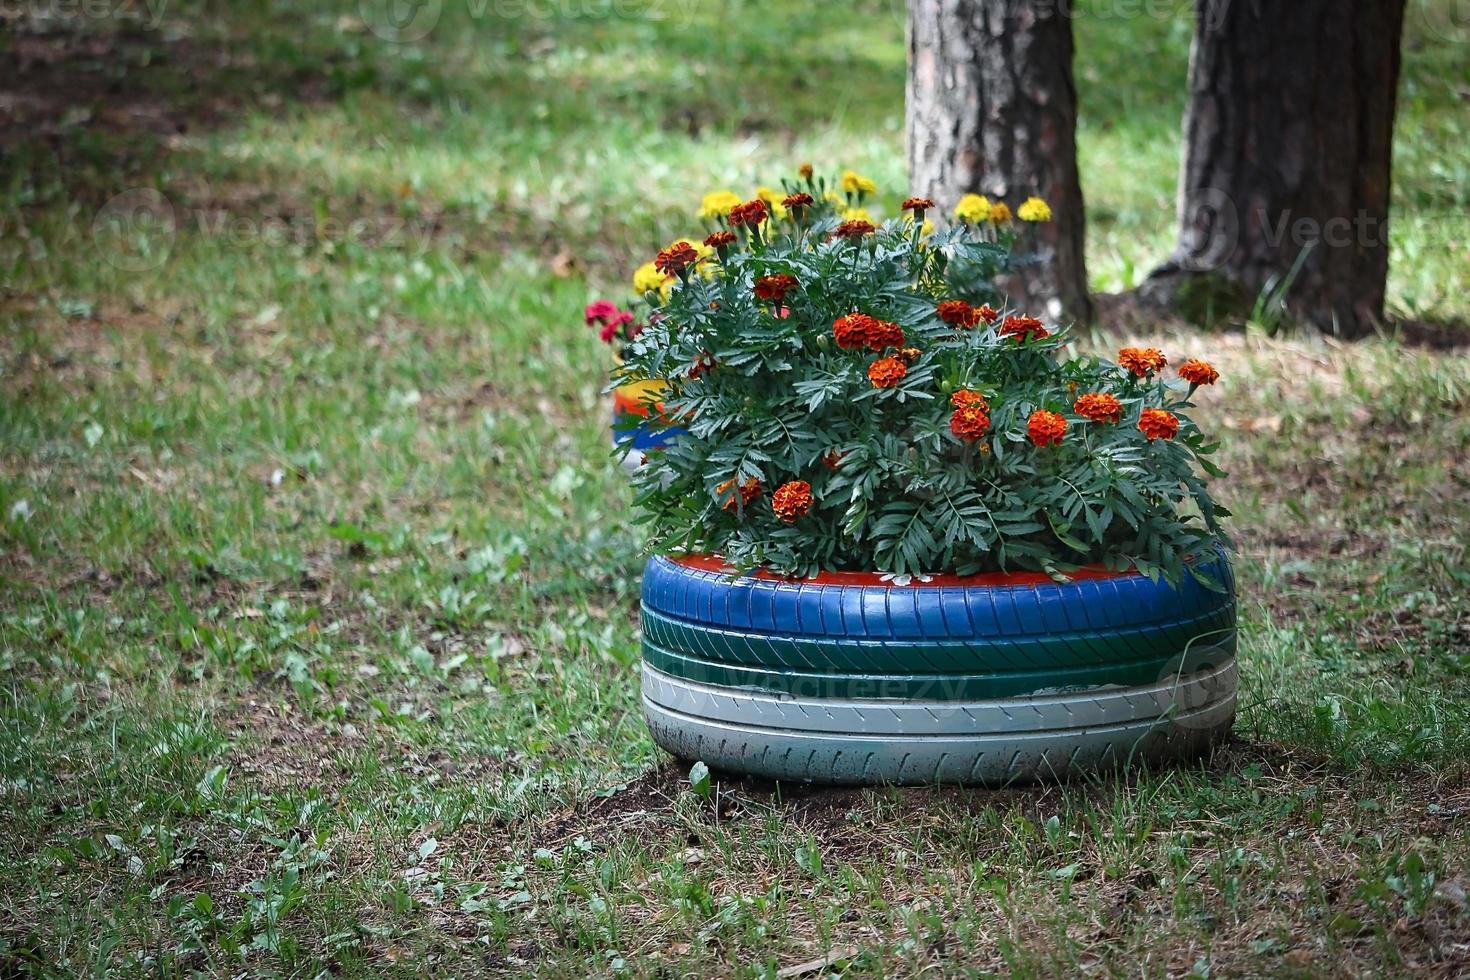 Sommerblumenbeet aus Reifen und Farben in Blau und Weiß mit gepflanzten Ringelblumen foto